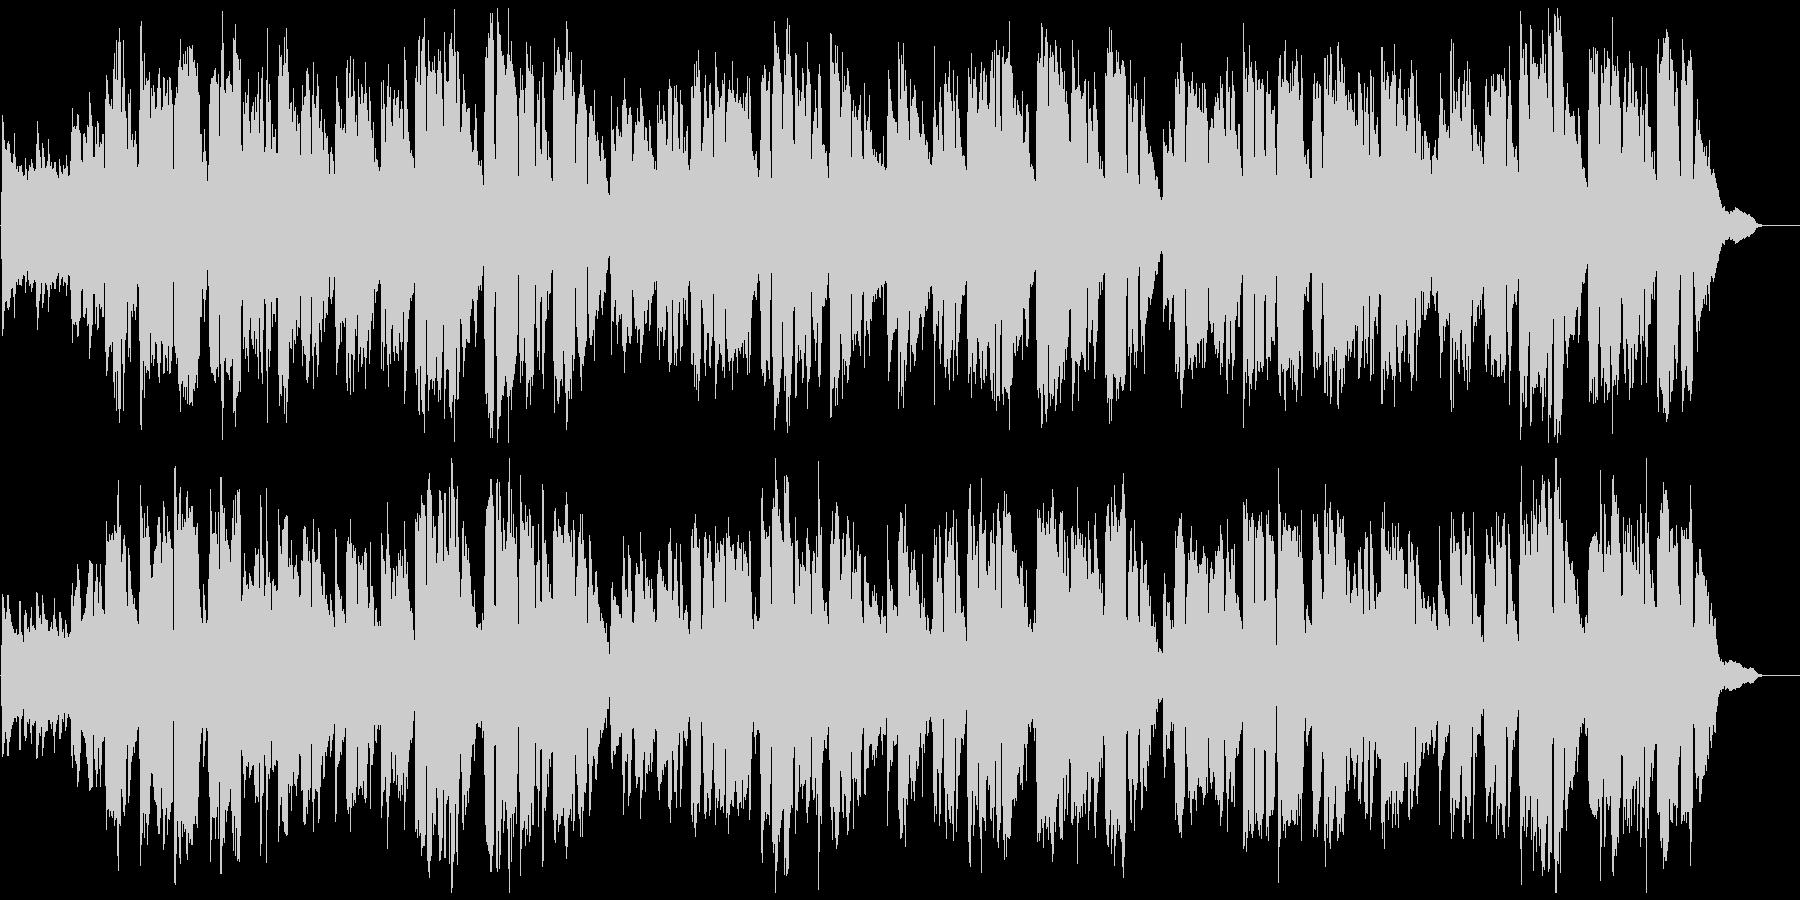 「ふるさと」ピアノ伴奏と女性ボーカルの未再生の波形